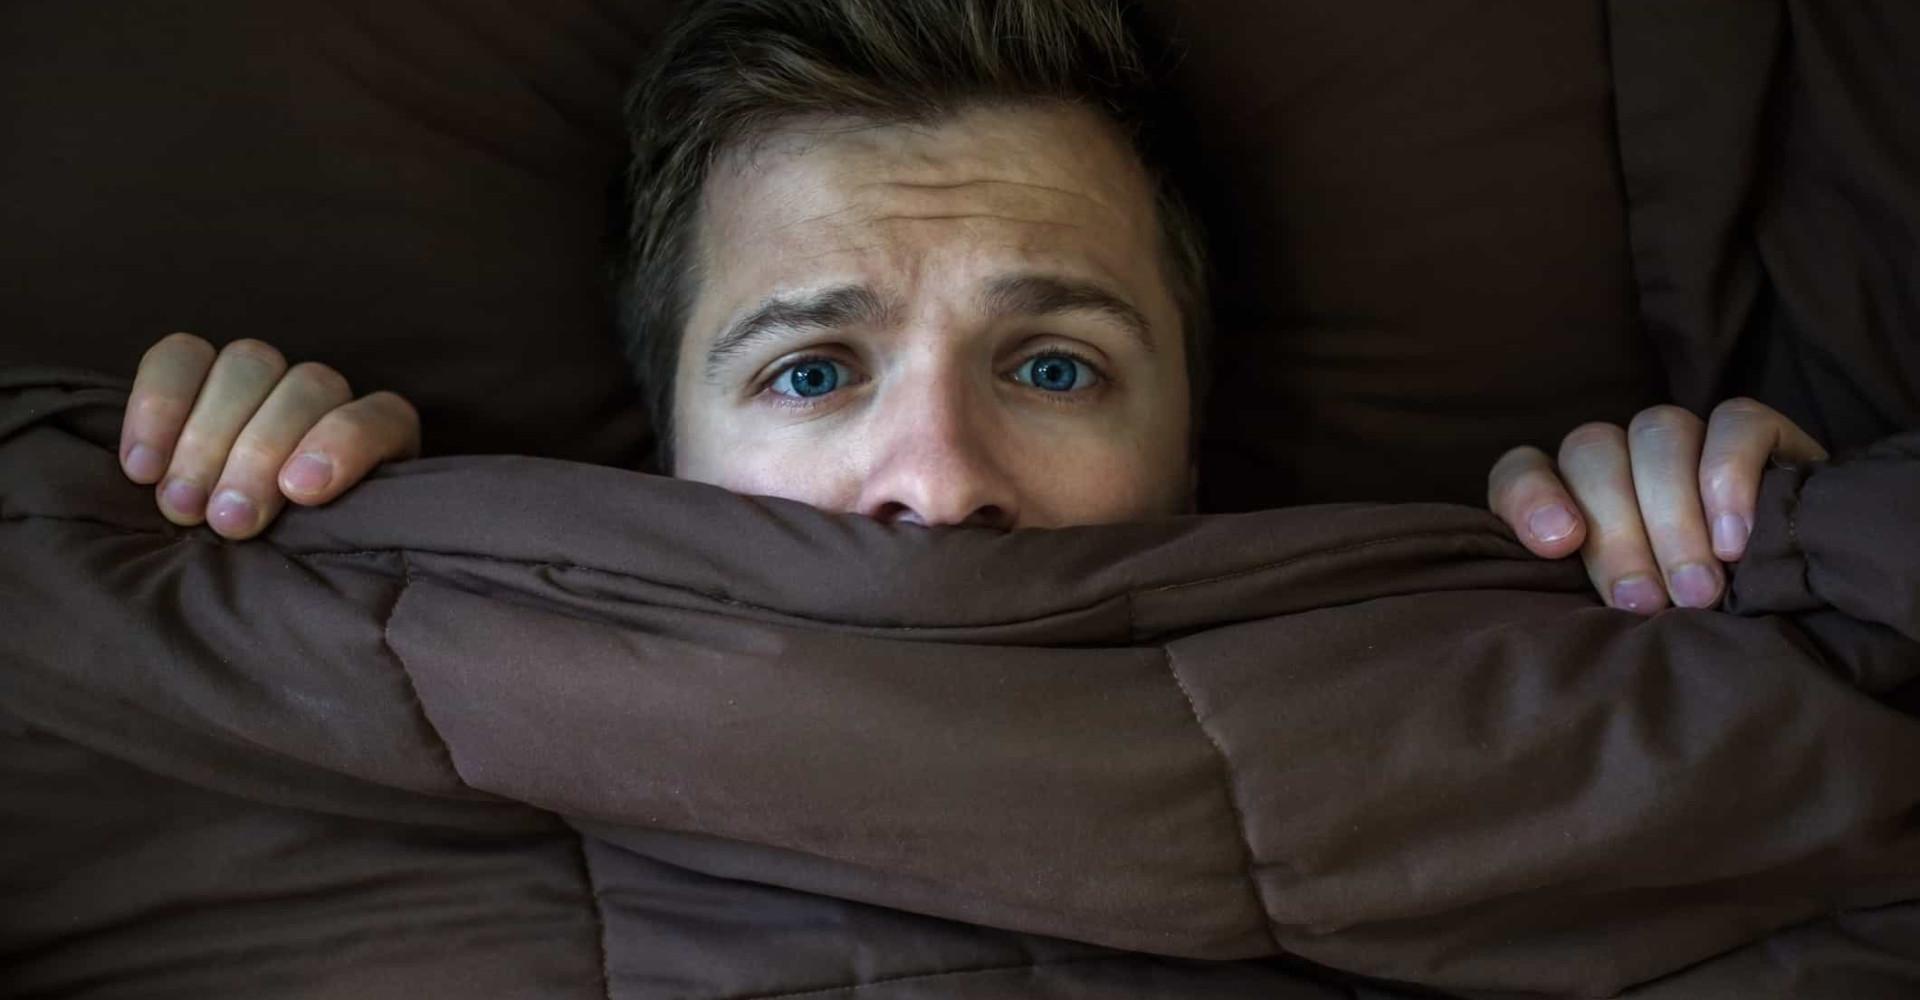 Parálisis del sueño: ¿qué es y cuándo ocurre?